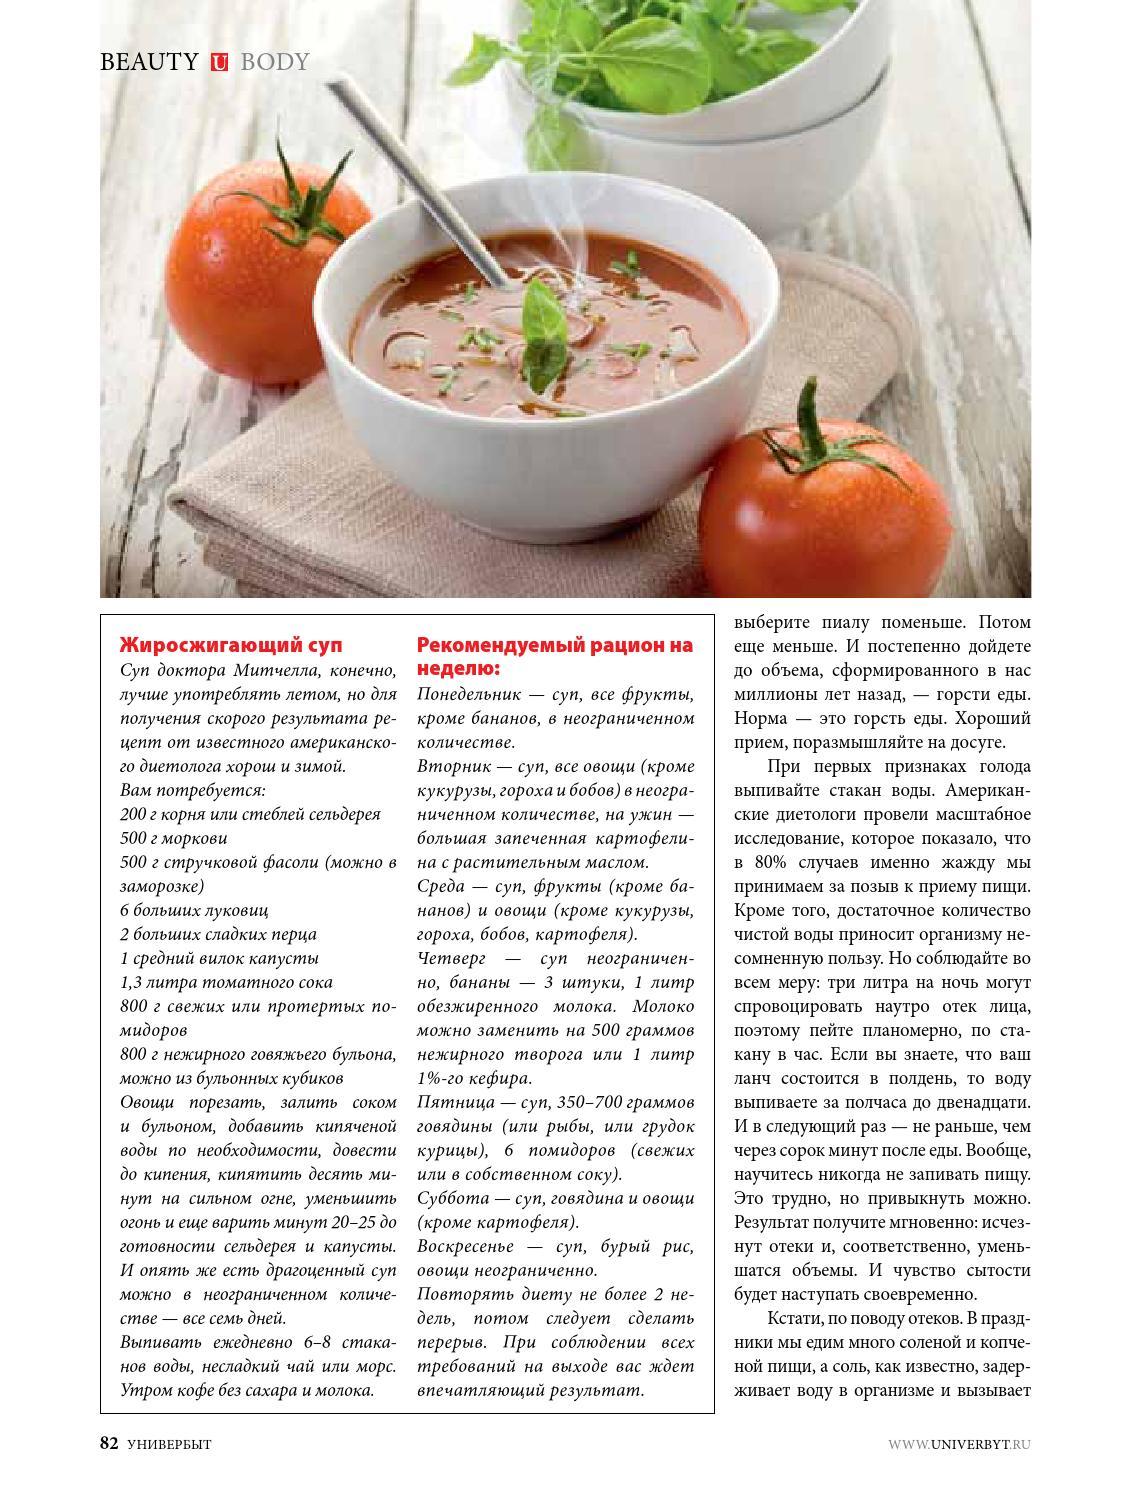 Отзывы о суповой диете